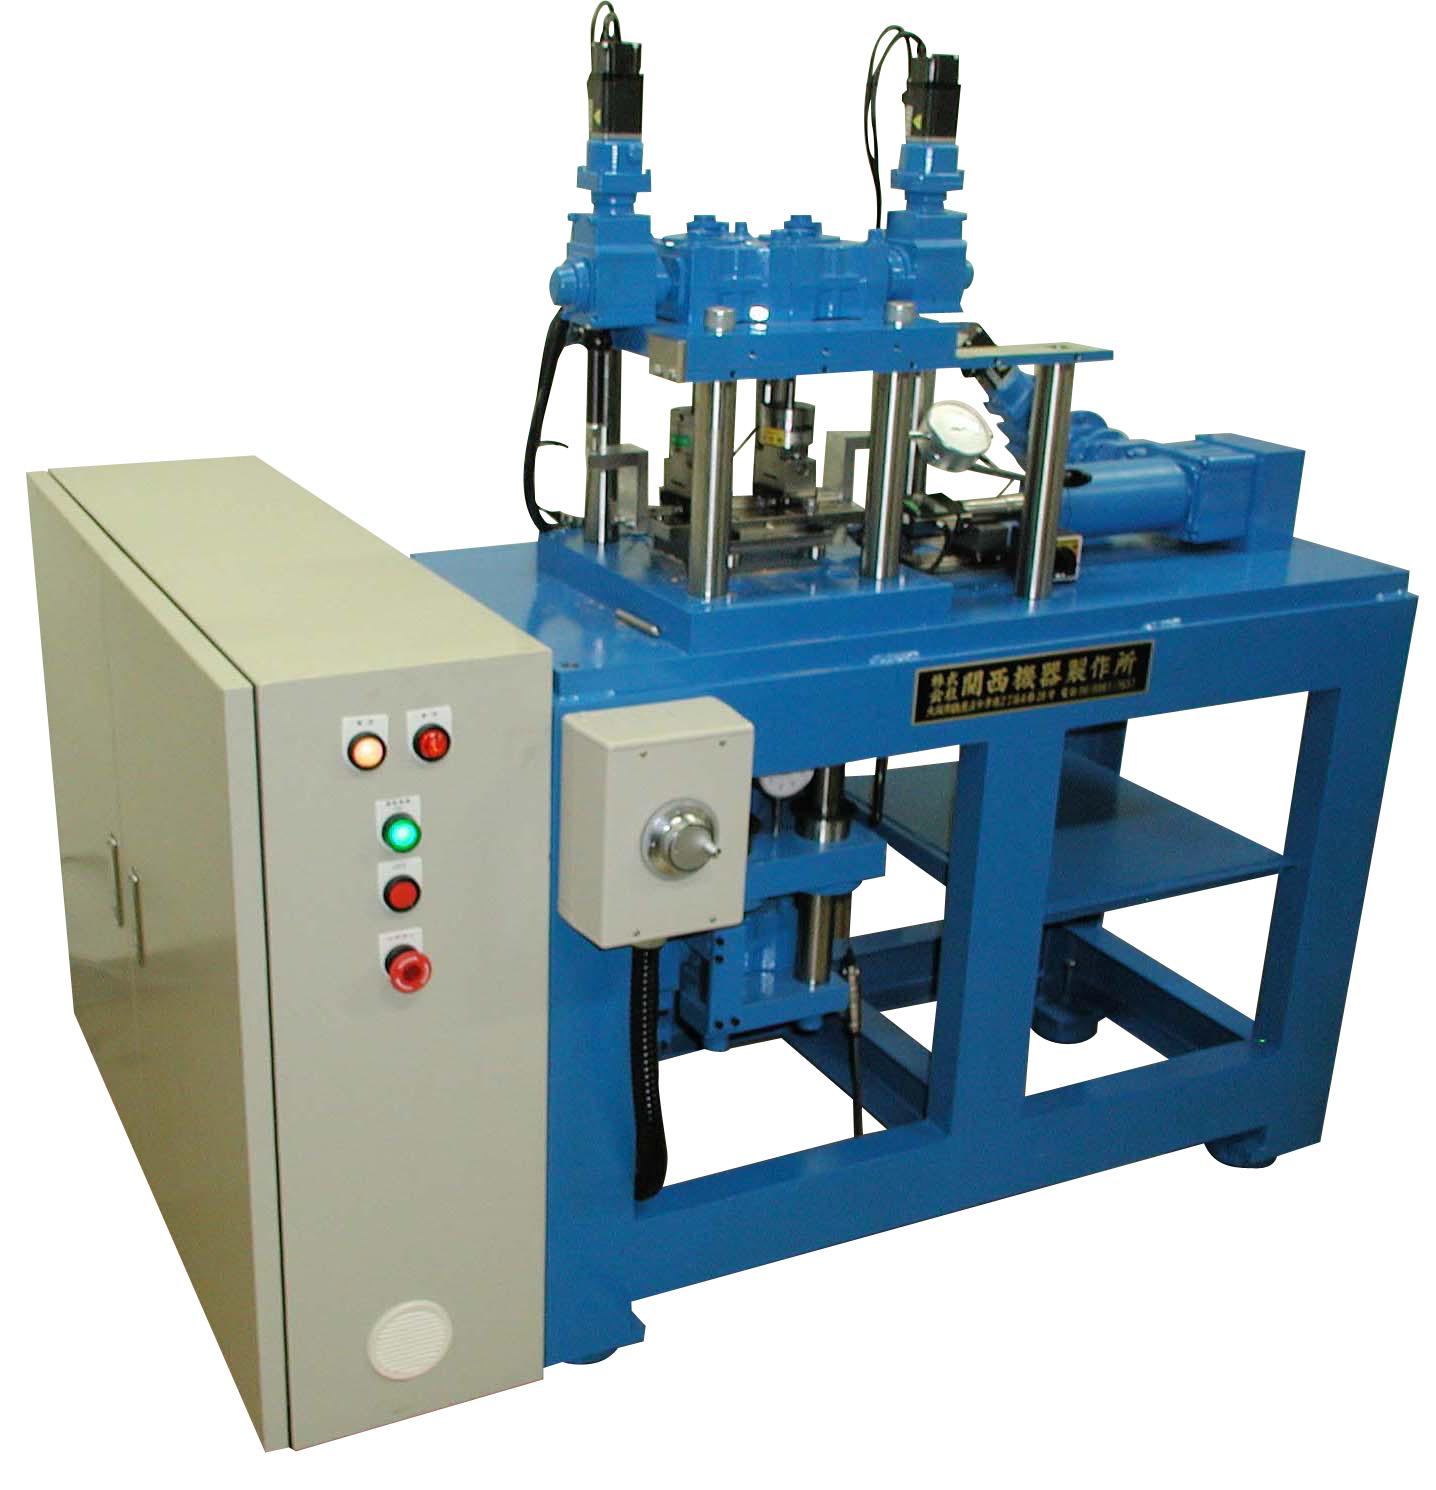 低応力・高精度型一面せん断試験機 20kN/mℓ〜500kN/mℓ